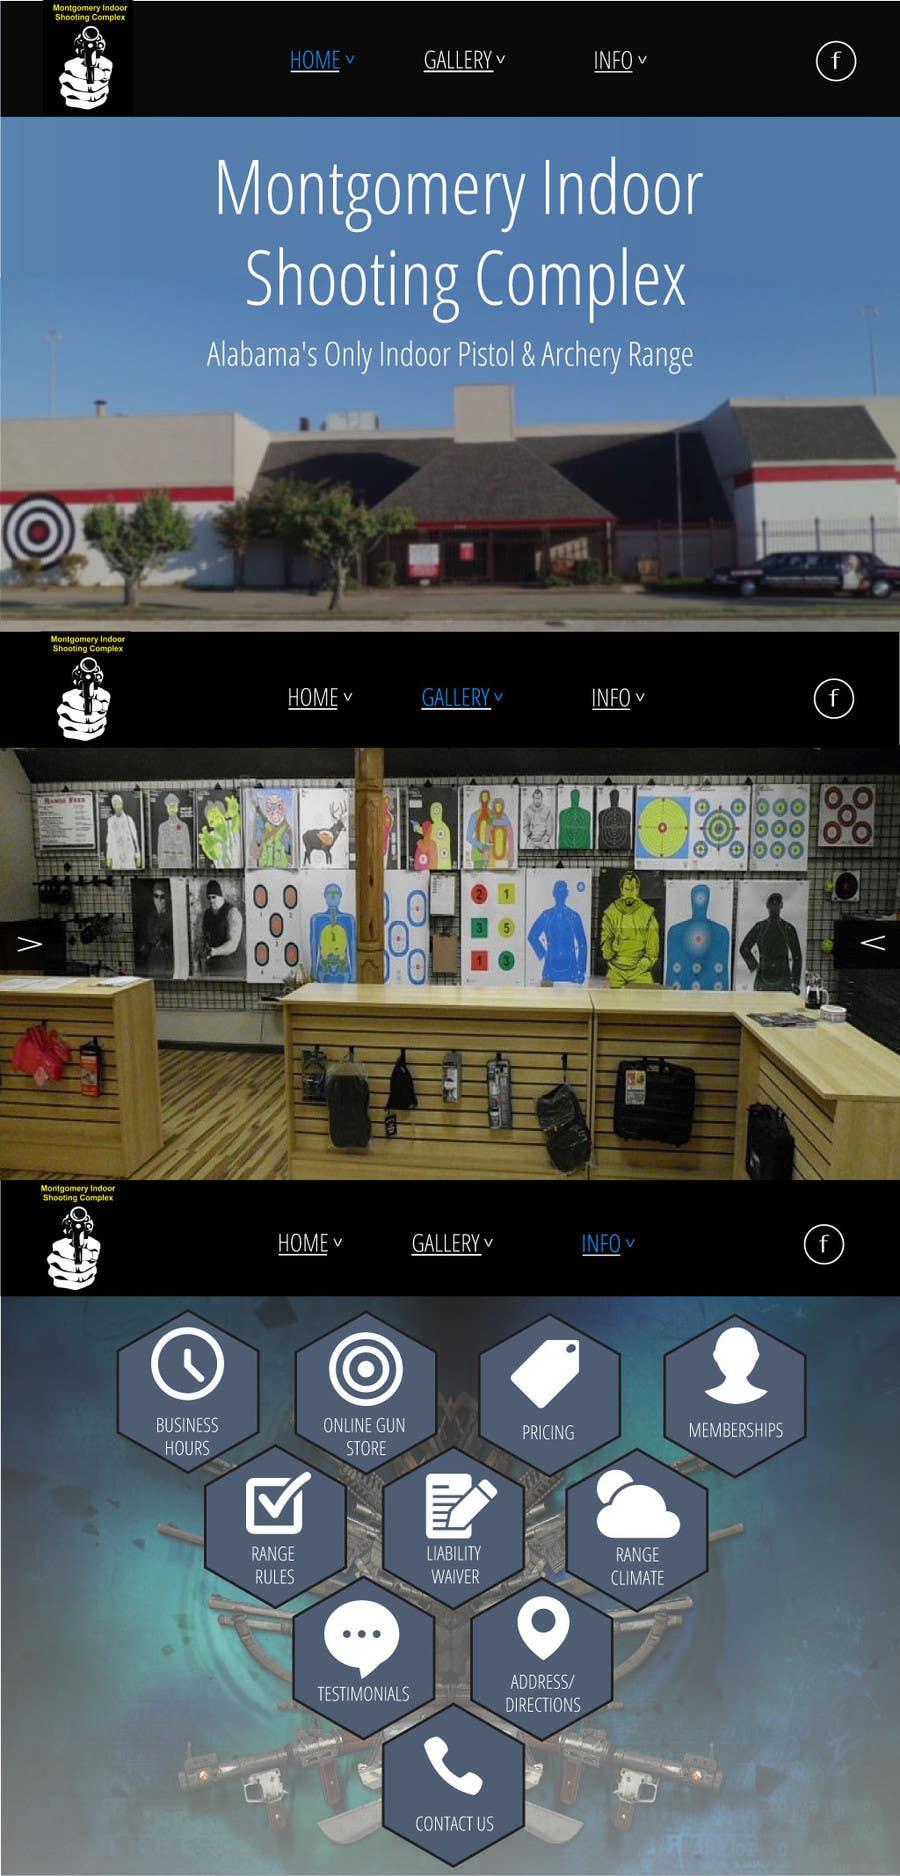 Penyertaan Peraduan #                                        13                                      untuk                                         Design a Website Mockup for Shooting Range